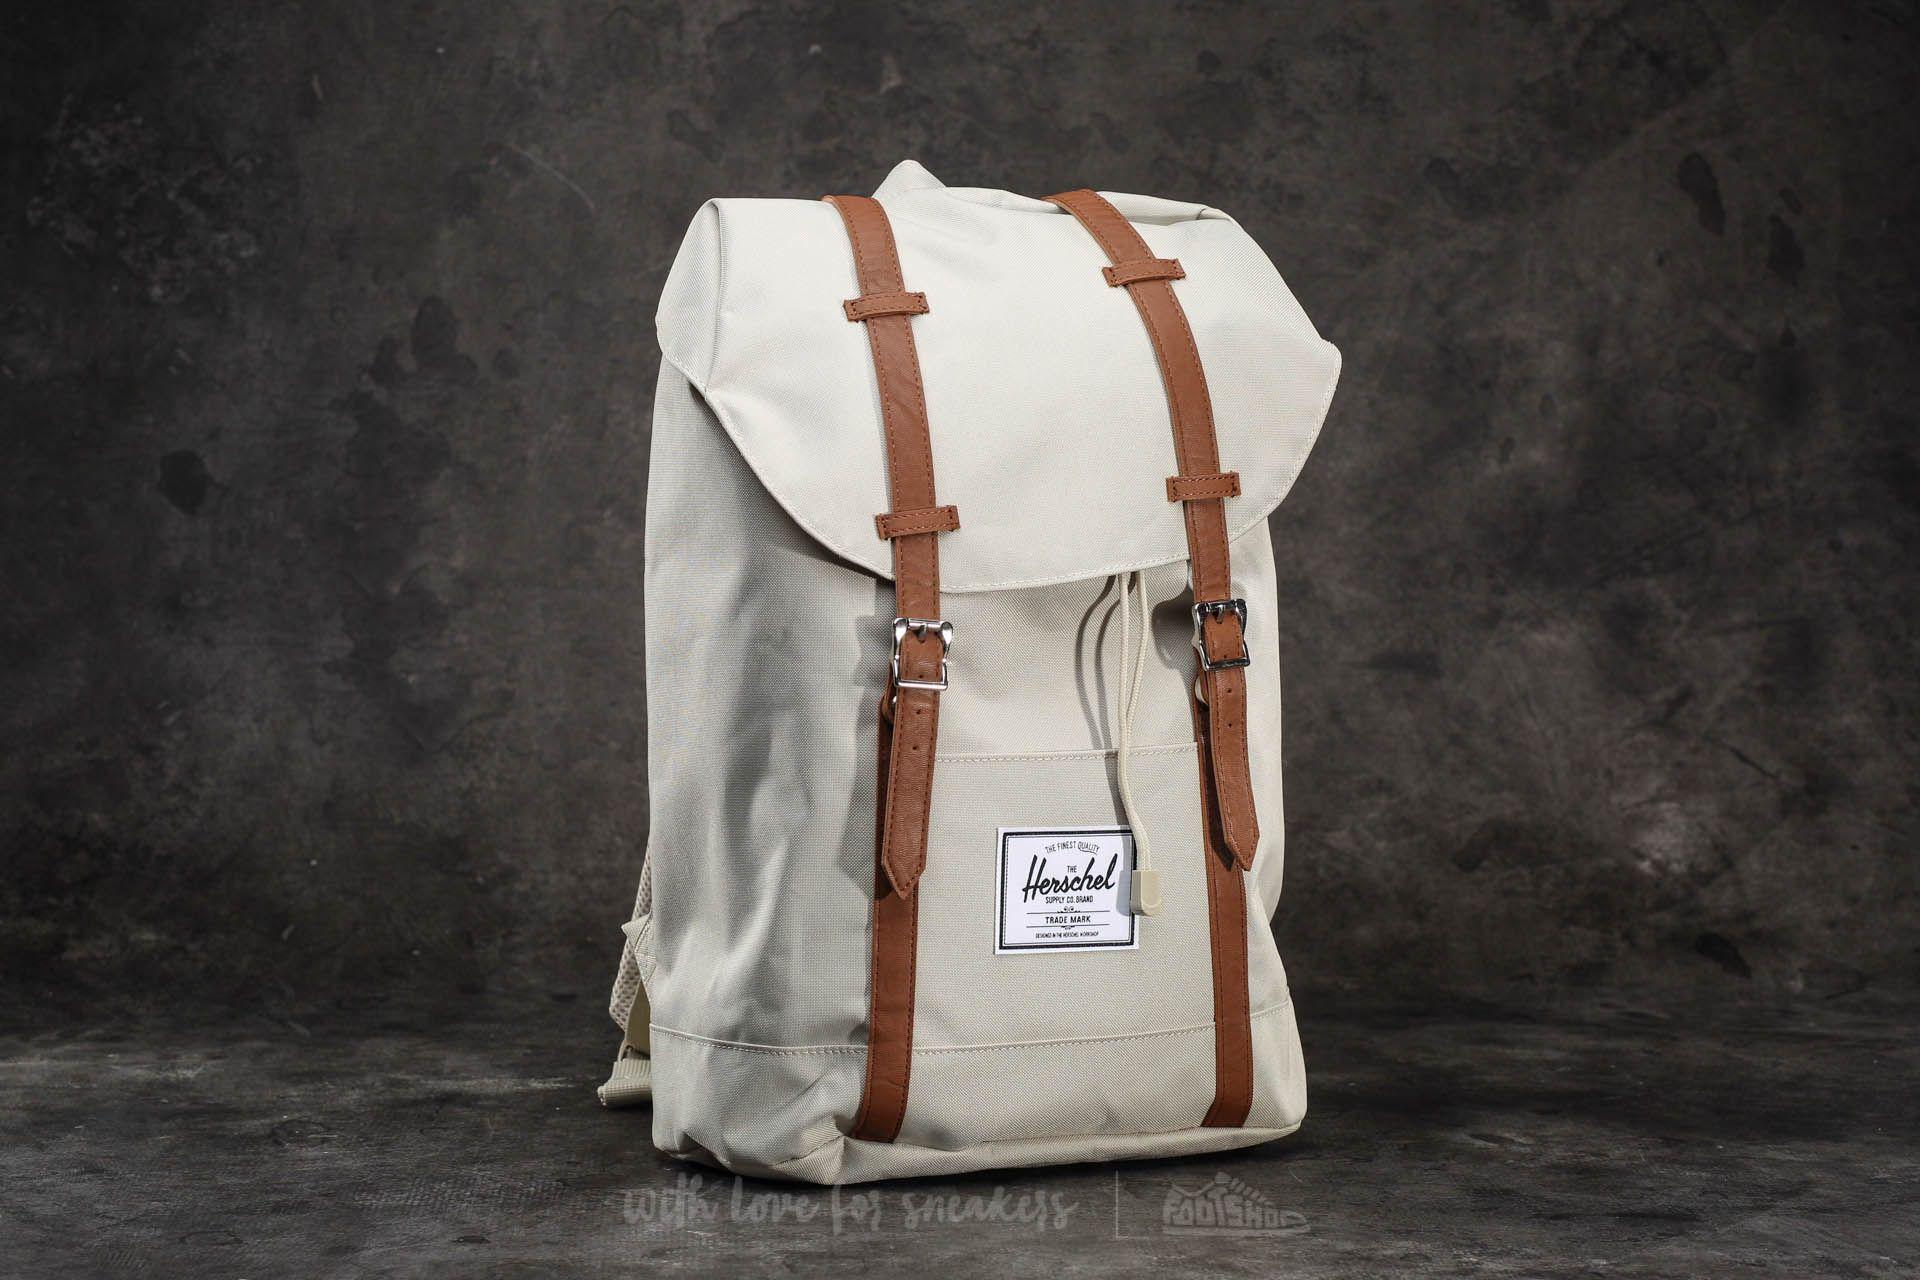 eadf4aee99 Herschel Supply Co. Retreat Backpack Pelican